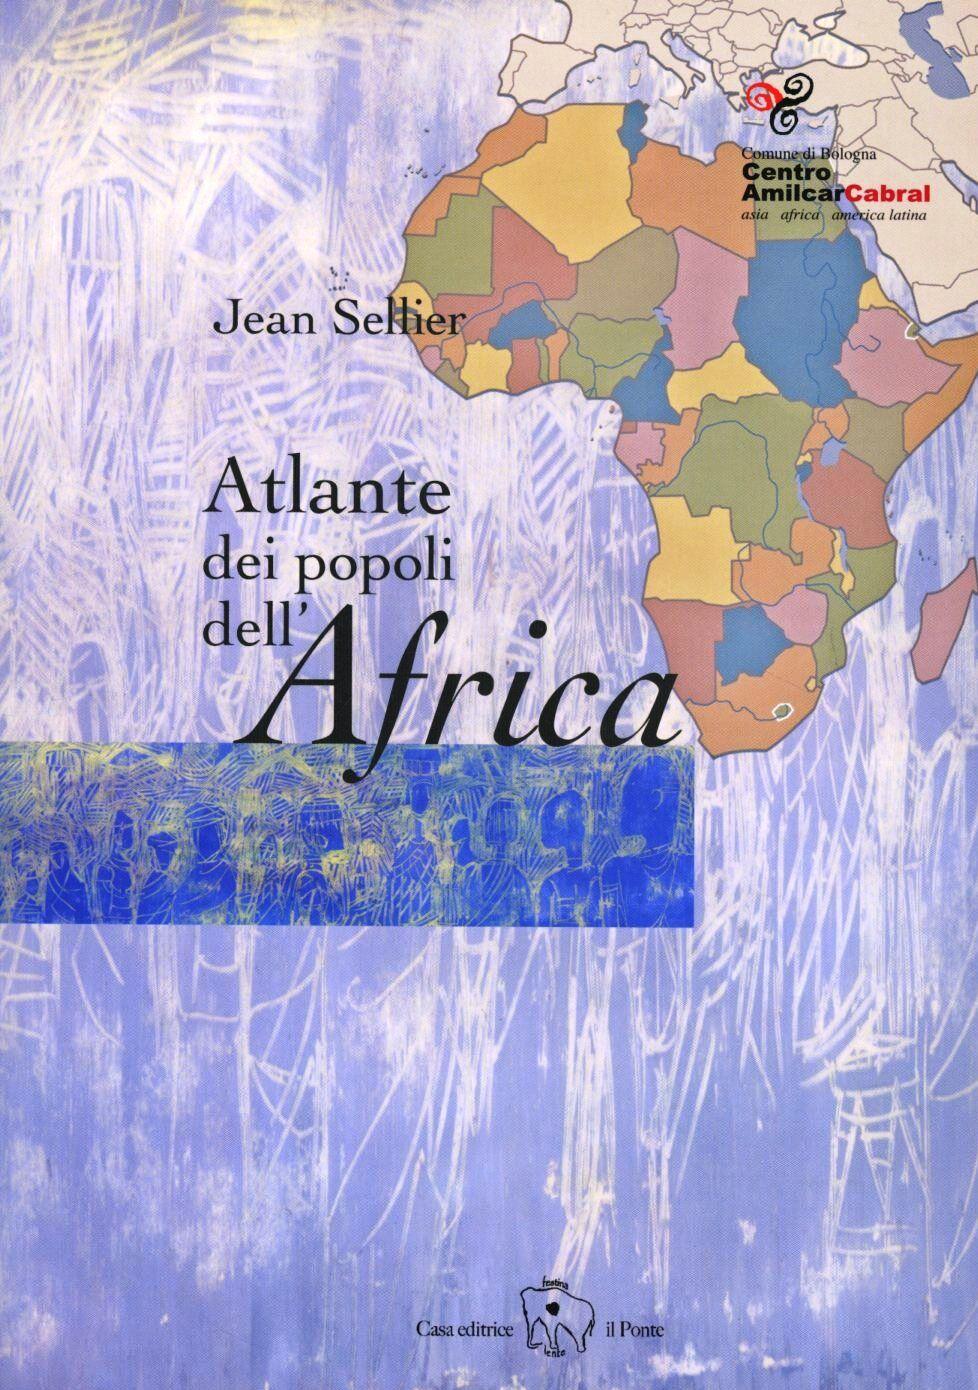 Atlante dei popoli dell'Africa. Cartografia di Bertrand de Brun, Anne le Fur